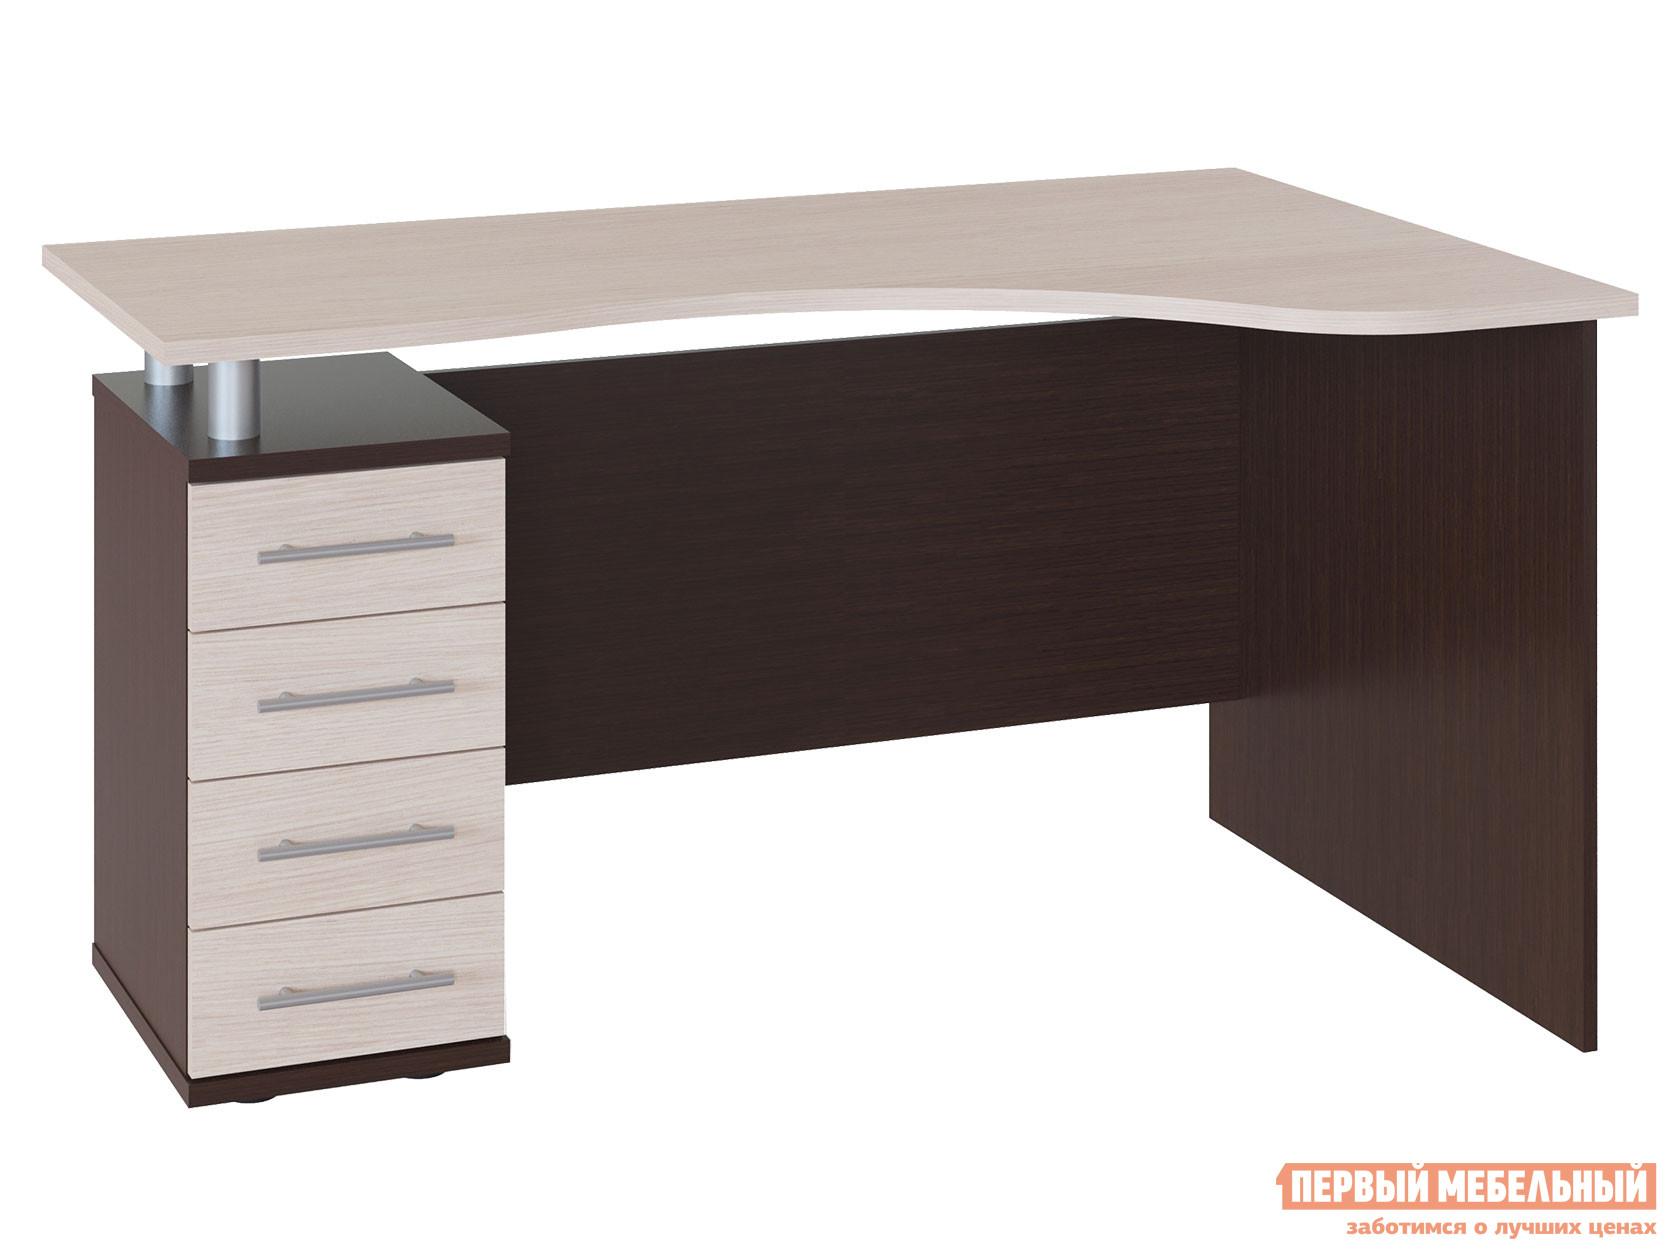 Письменный стол  КСТ-104.1 Корпус Венге / Фасад Беленый дуб, Левый Сокол 23244